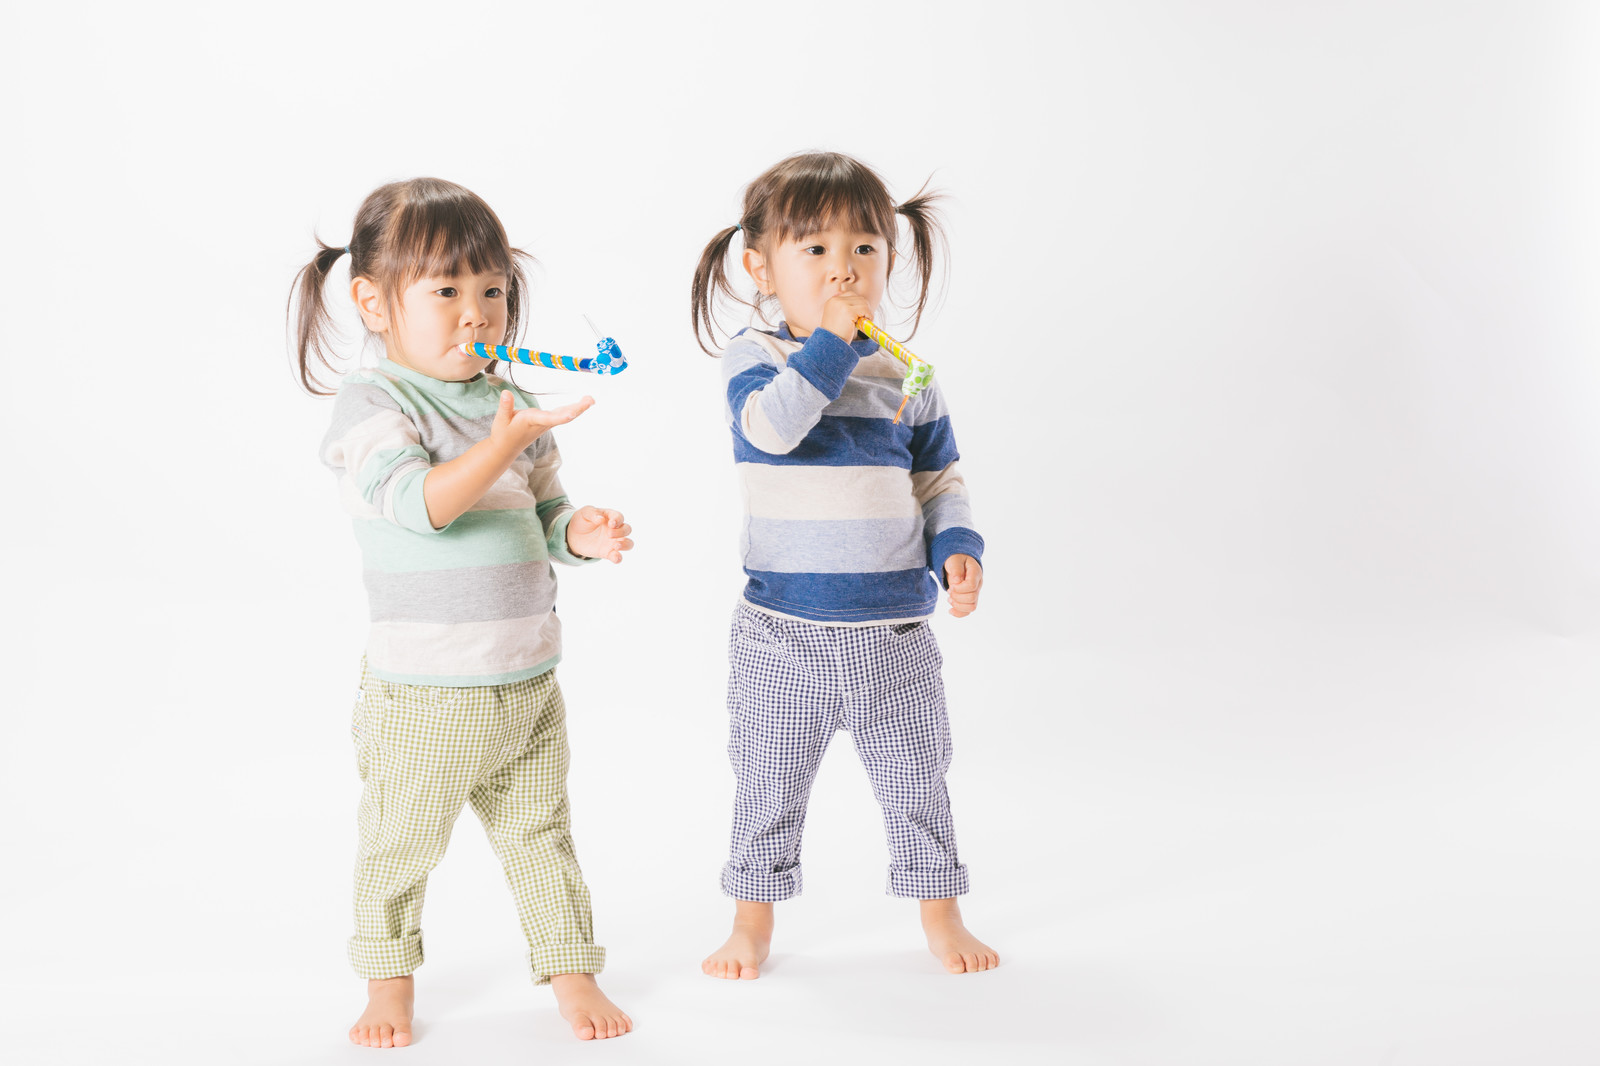 子どものリズムに合わせて遊ぶ